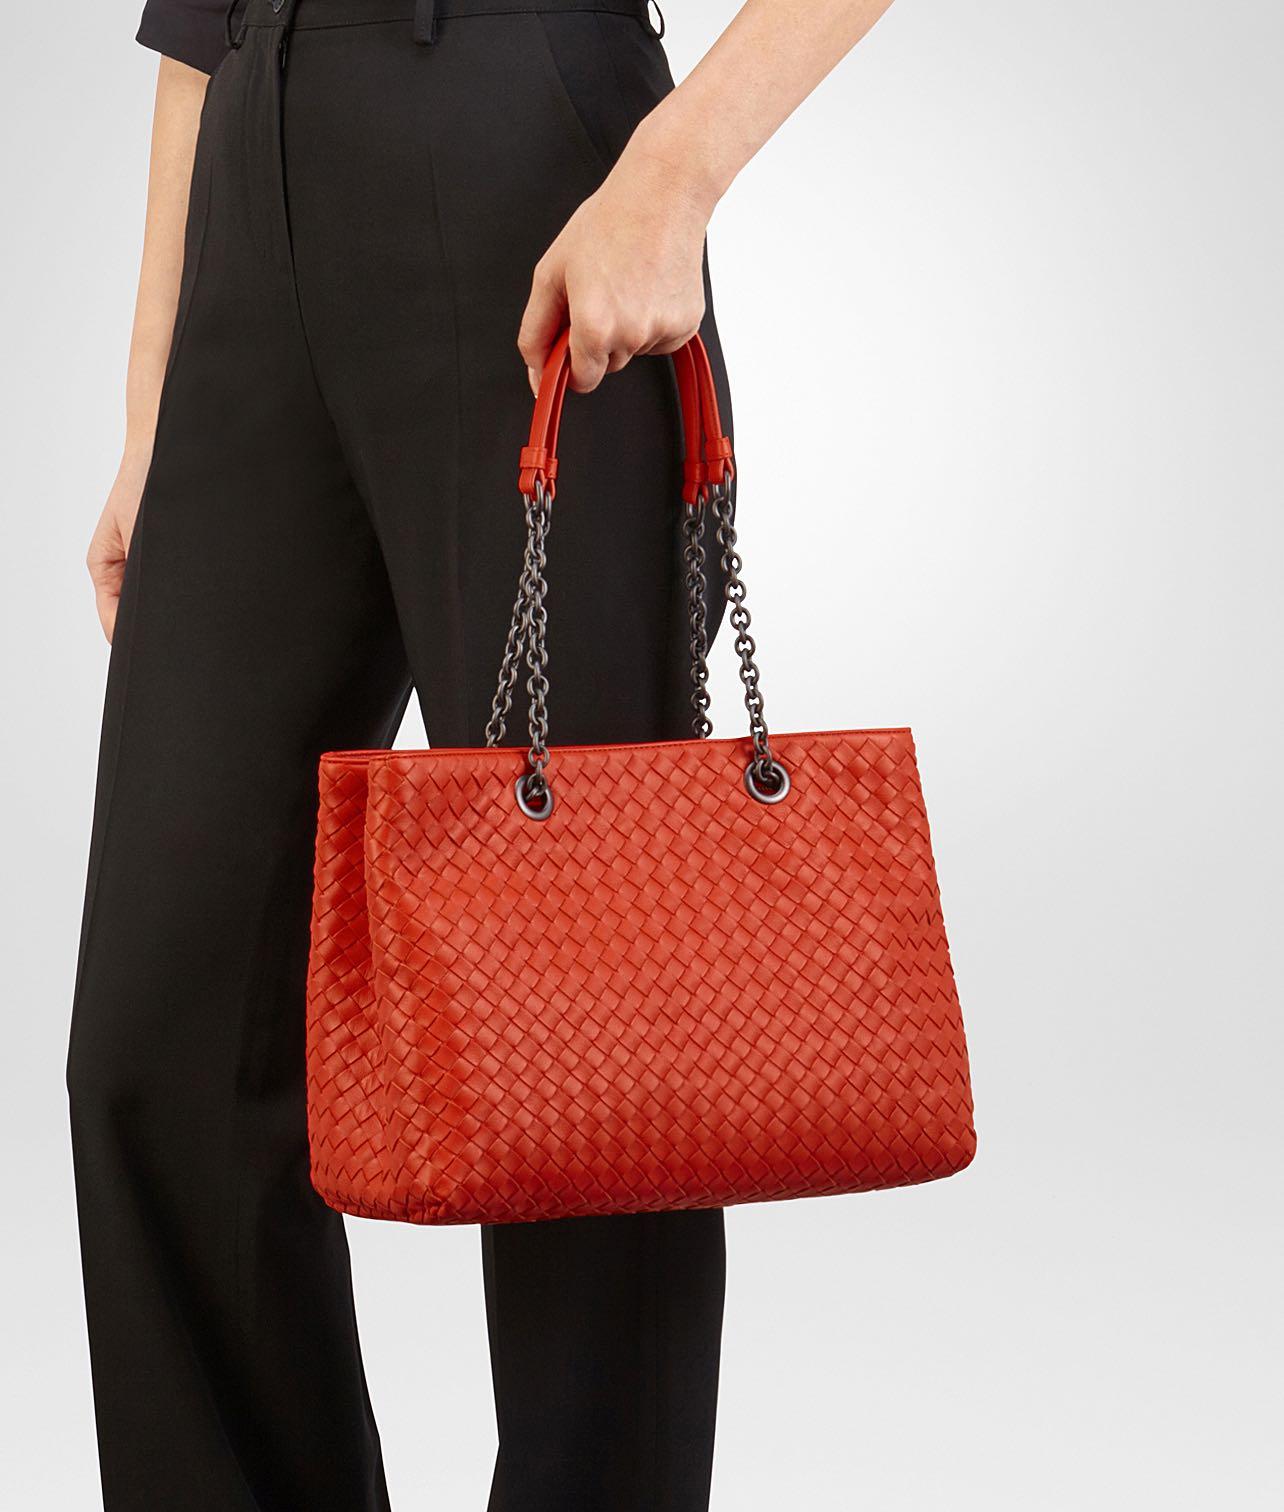 Bottega Veneta Medium Tote Bag in Red   Vesuvio Intrecciato Nappa ... b40e20ed60f2e